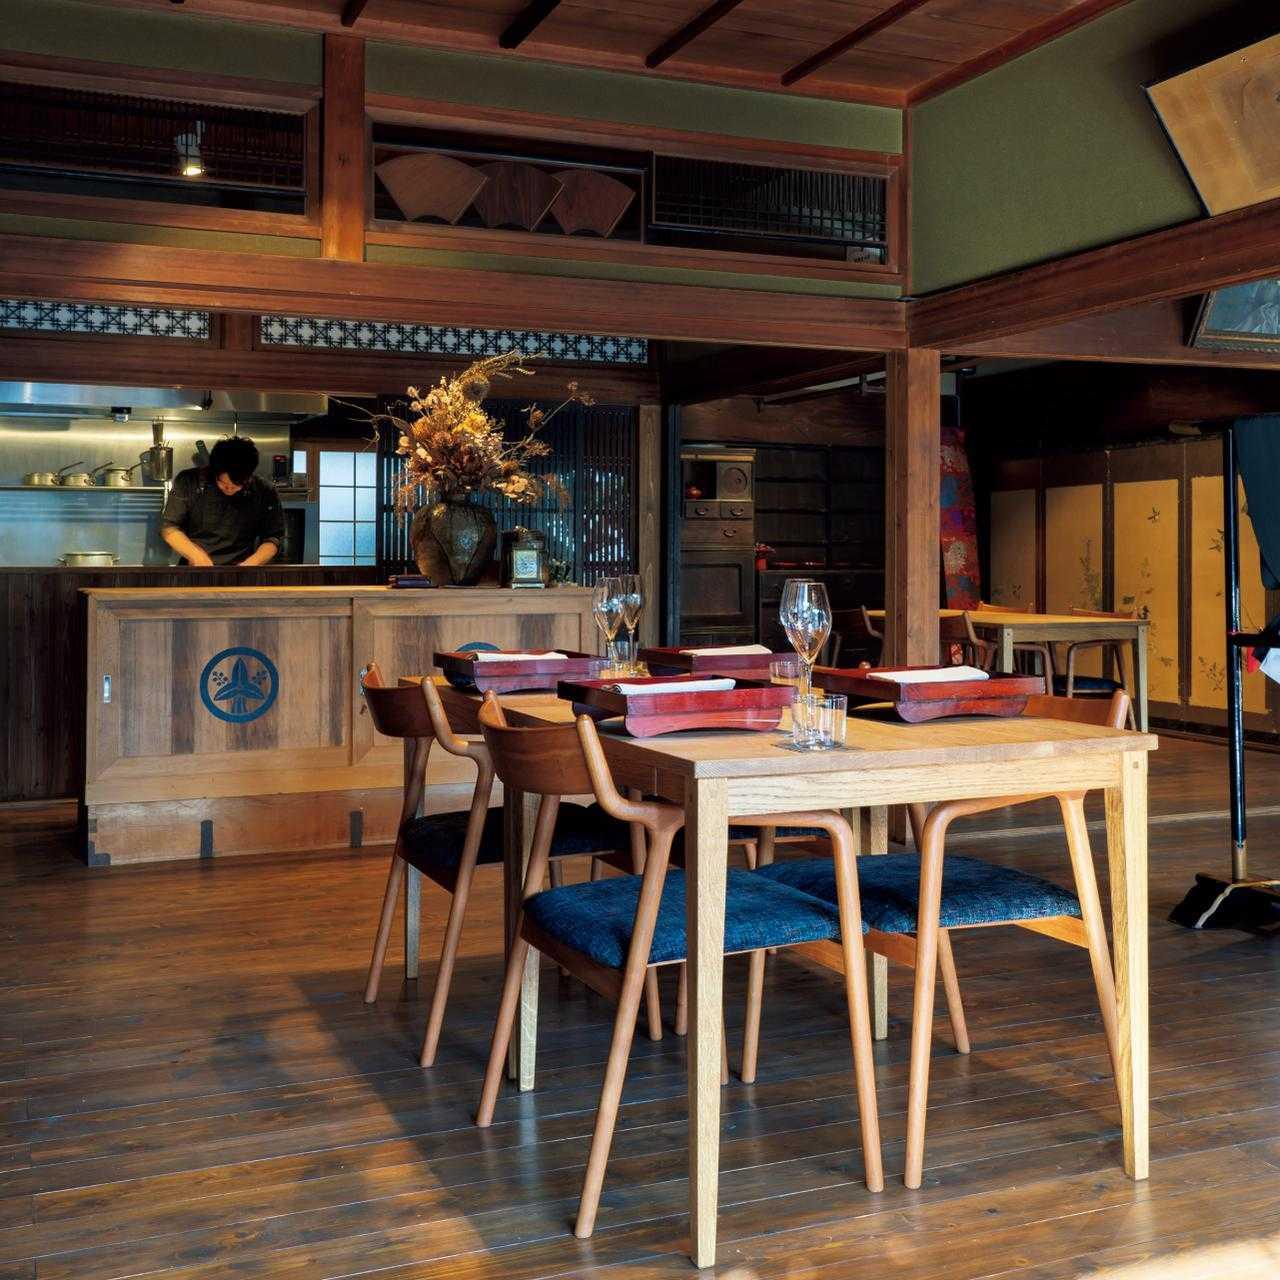 奈良の大地の恵みを堪能できる古民家レストラン「Da terra(ダ テッラ)」